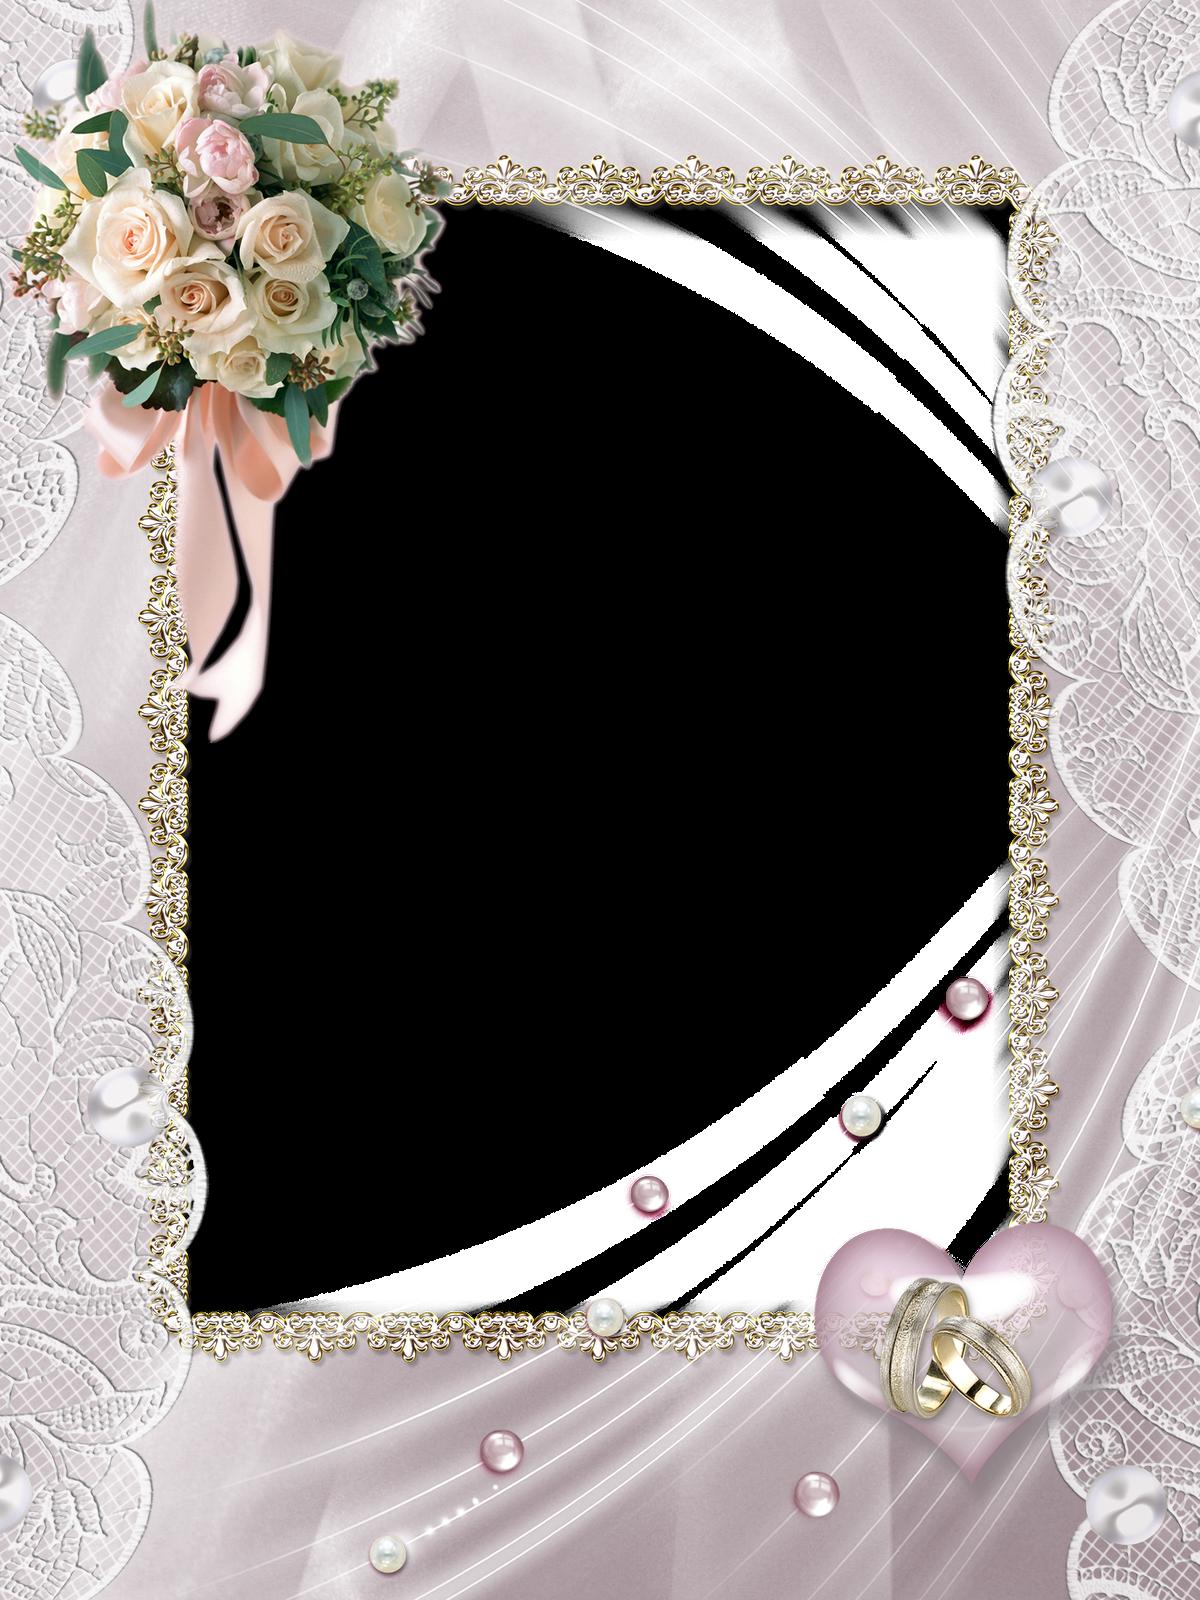 Marcos para adornar fotograf as de matrimonio consejos - Marcos de plata para bodas ...